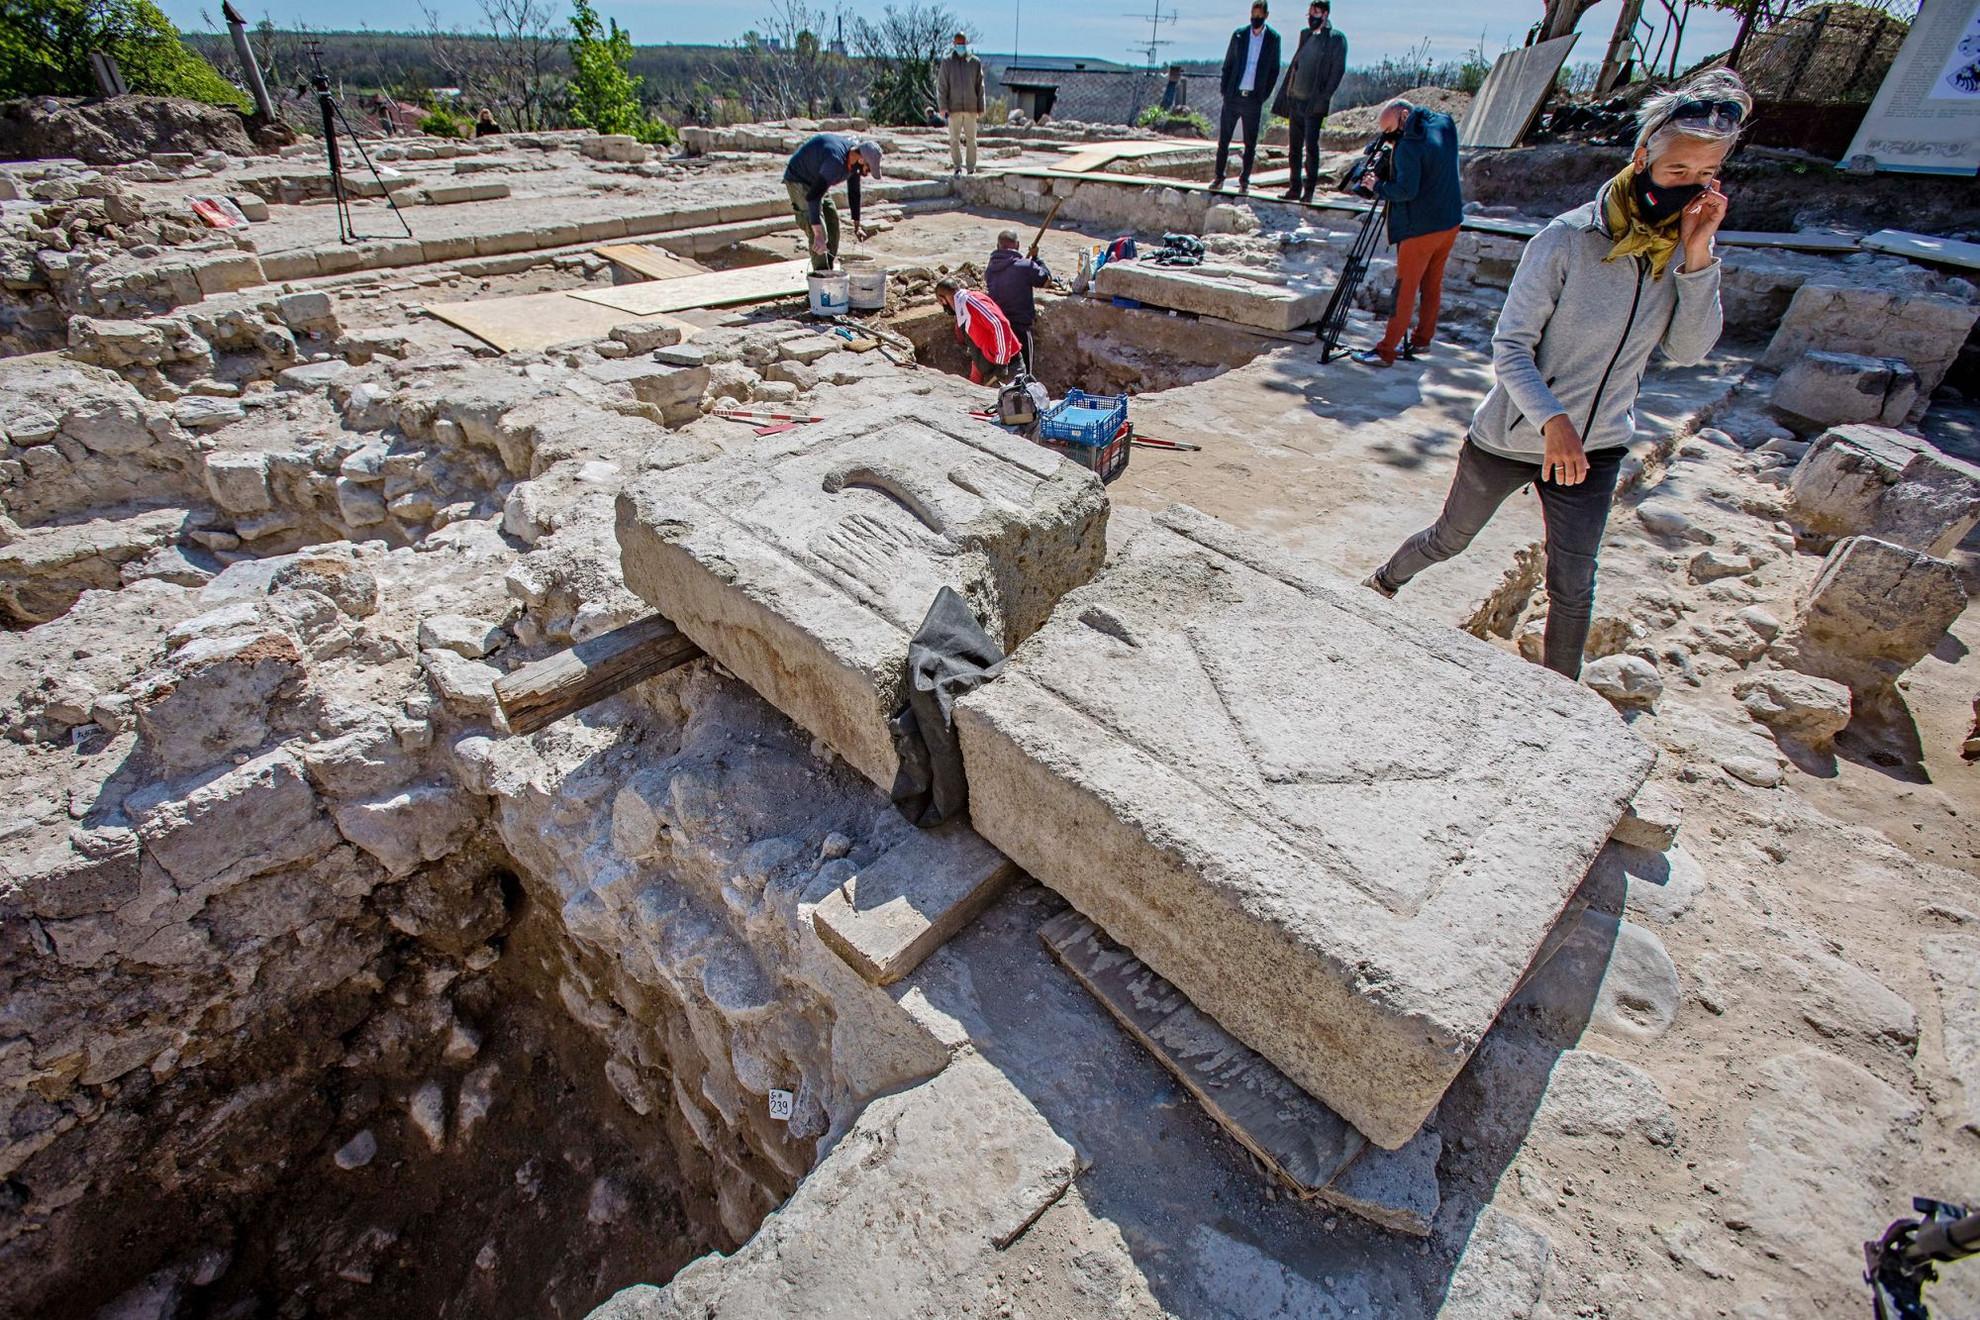 Az ásatások során értékes leleteket, többek között egy óriási sírkövet is találtak